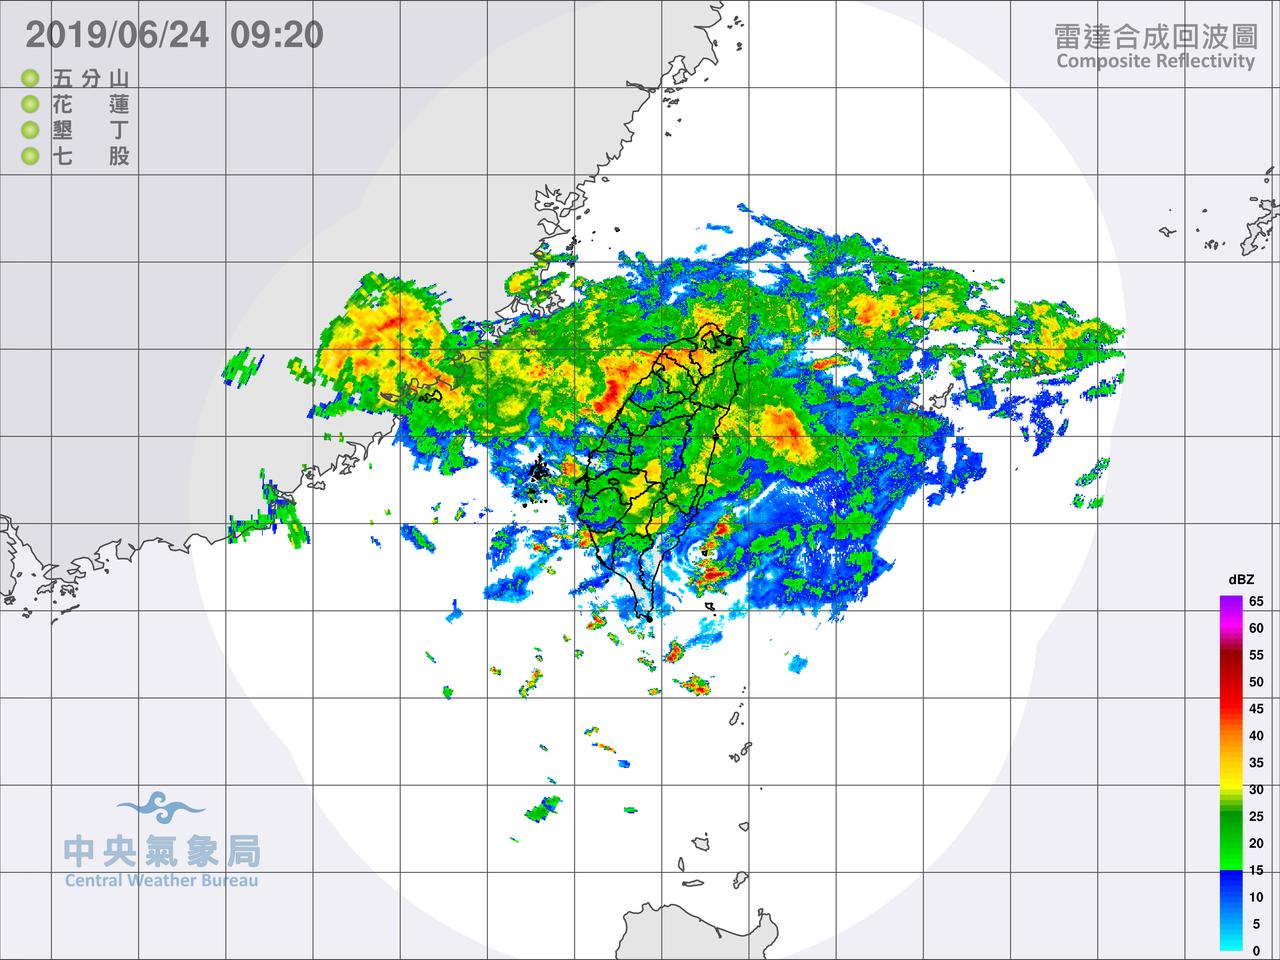 鄭明典表示,五分山、花蓮、墾丁、七股,原本這四座雷達的觀測範圍已經可以蓋滿全台灣...